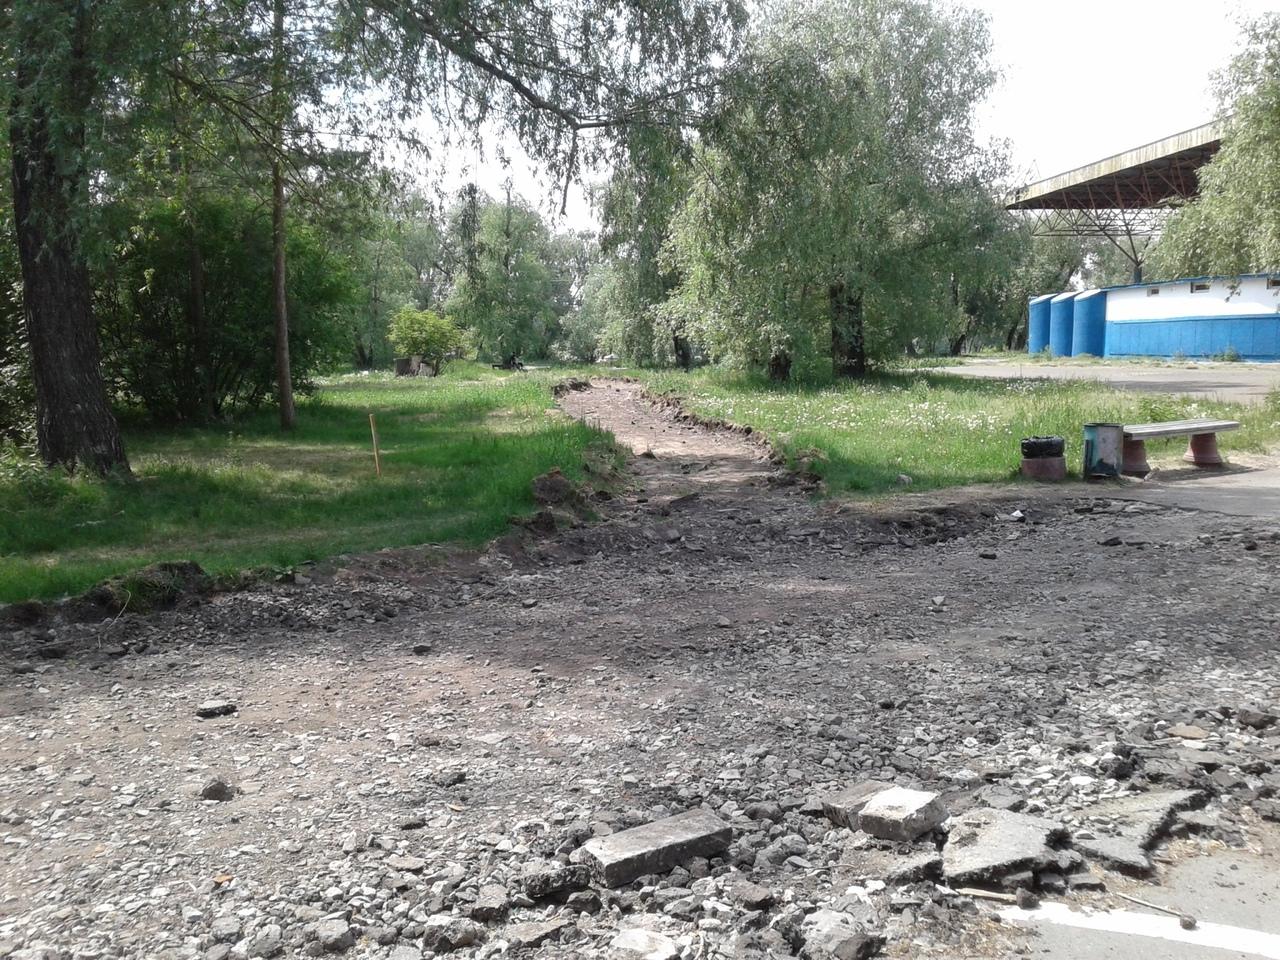 Фадина посетила разбомбленный «Зеленый остров» и обещала привезти туда свою дочь #Новости #Общество #Омск